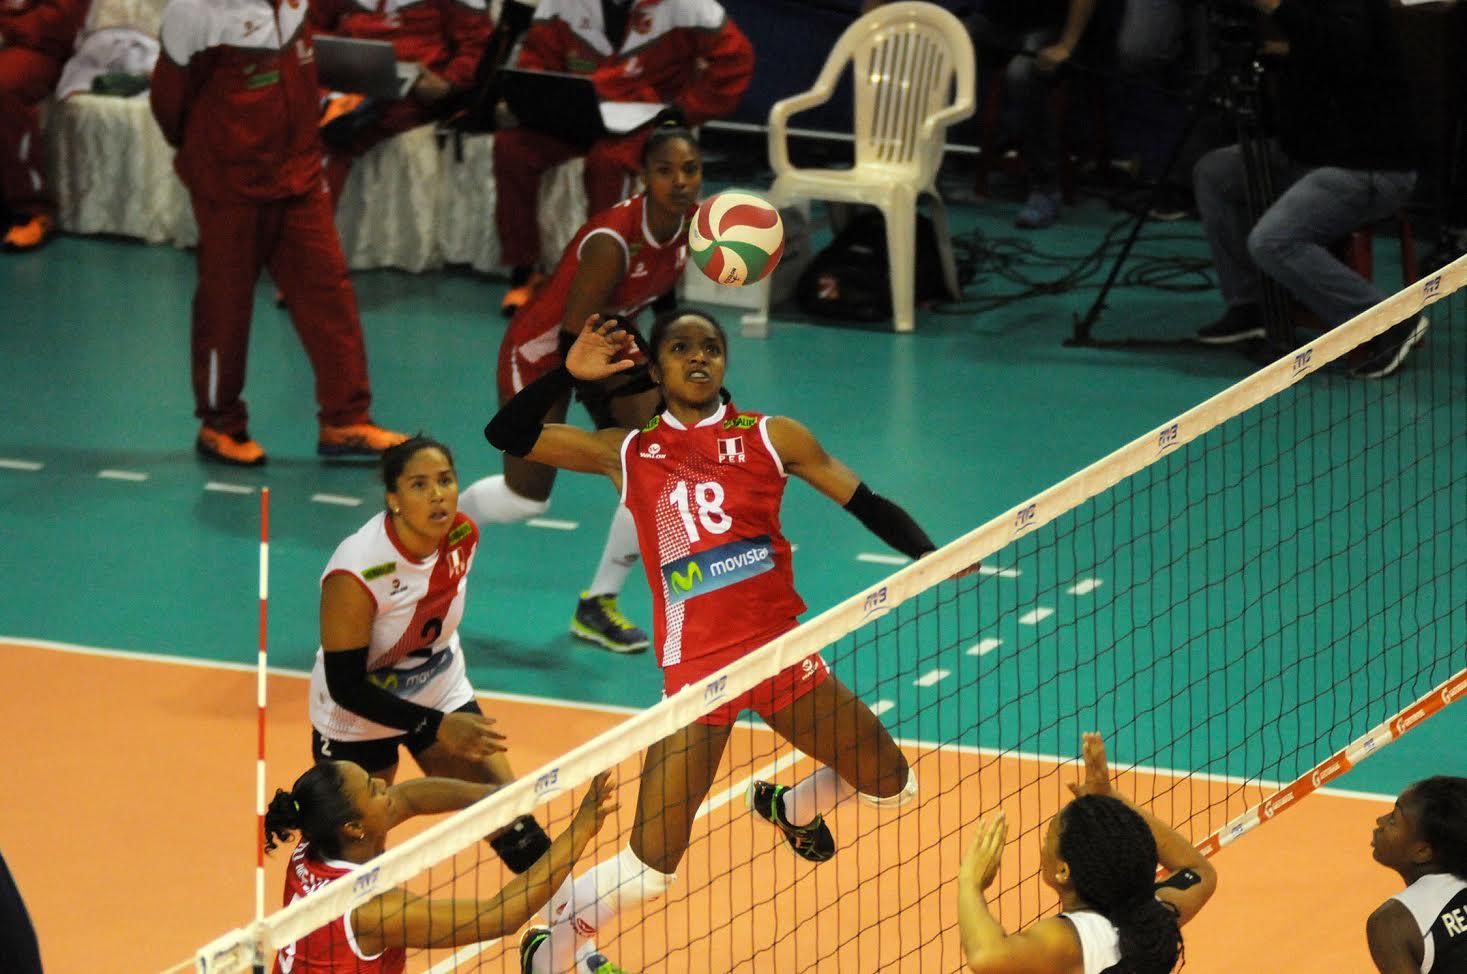 Perú remontó y venció a Cuba en Copa Panamericana